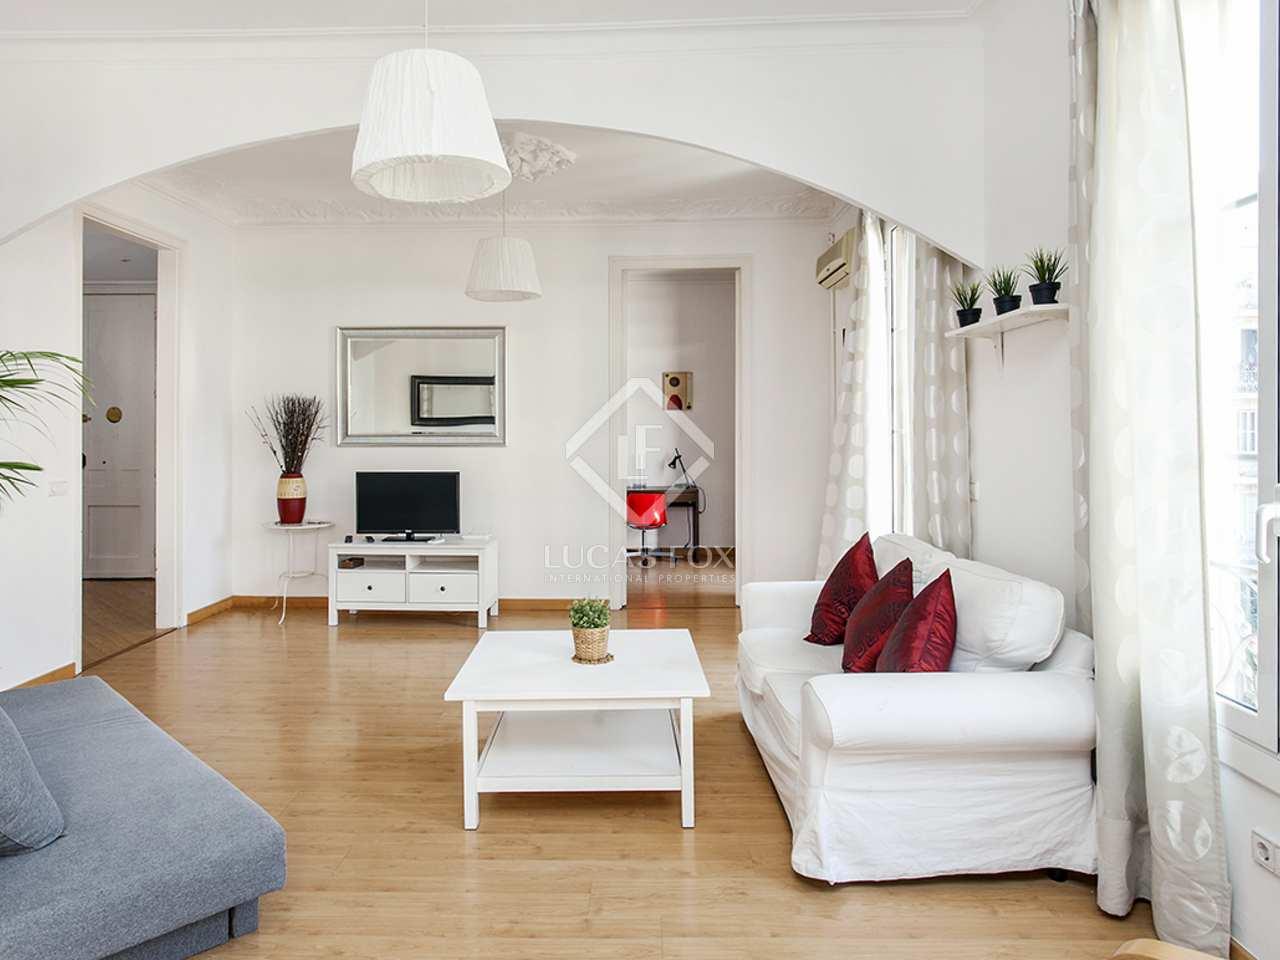 Apartamento amueblado en alquiler en el eixample barcelona for Alquiler de dormitorios